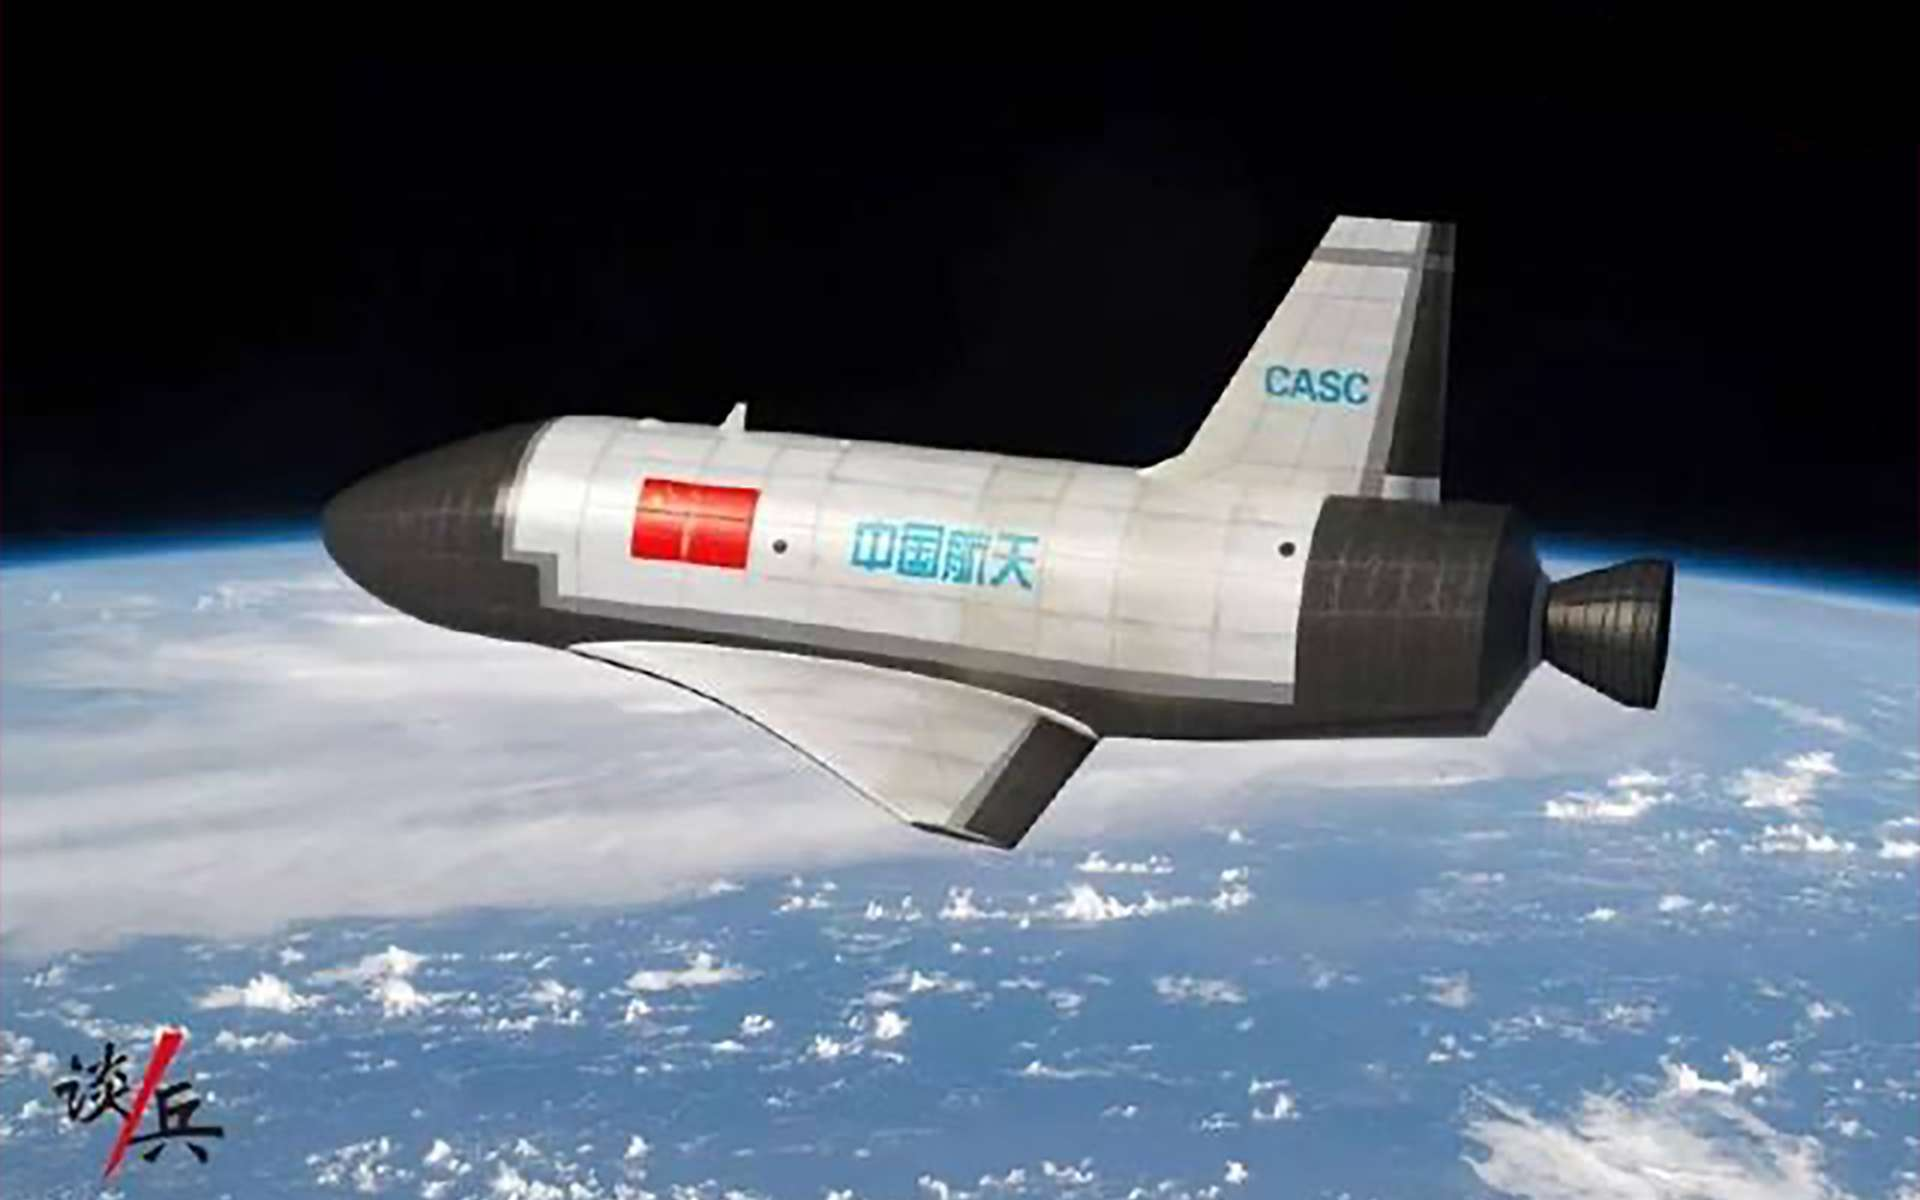 Vue d'artiste d'un projet d'avion spatial de la Société de Sciences et Technologies aérospatiales de Chine (CASC) qui pourrait être le CSSHQ. © Droits réservés (https://tinyurl.com/y2tkdmdd)